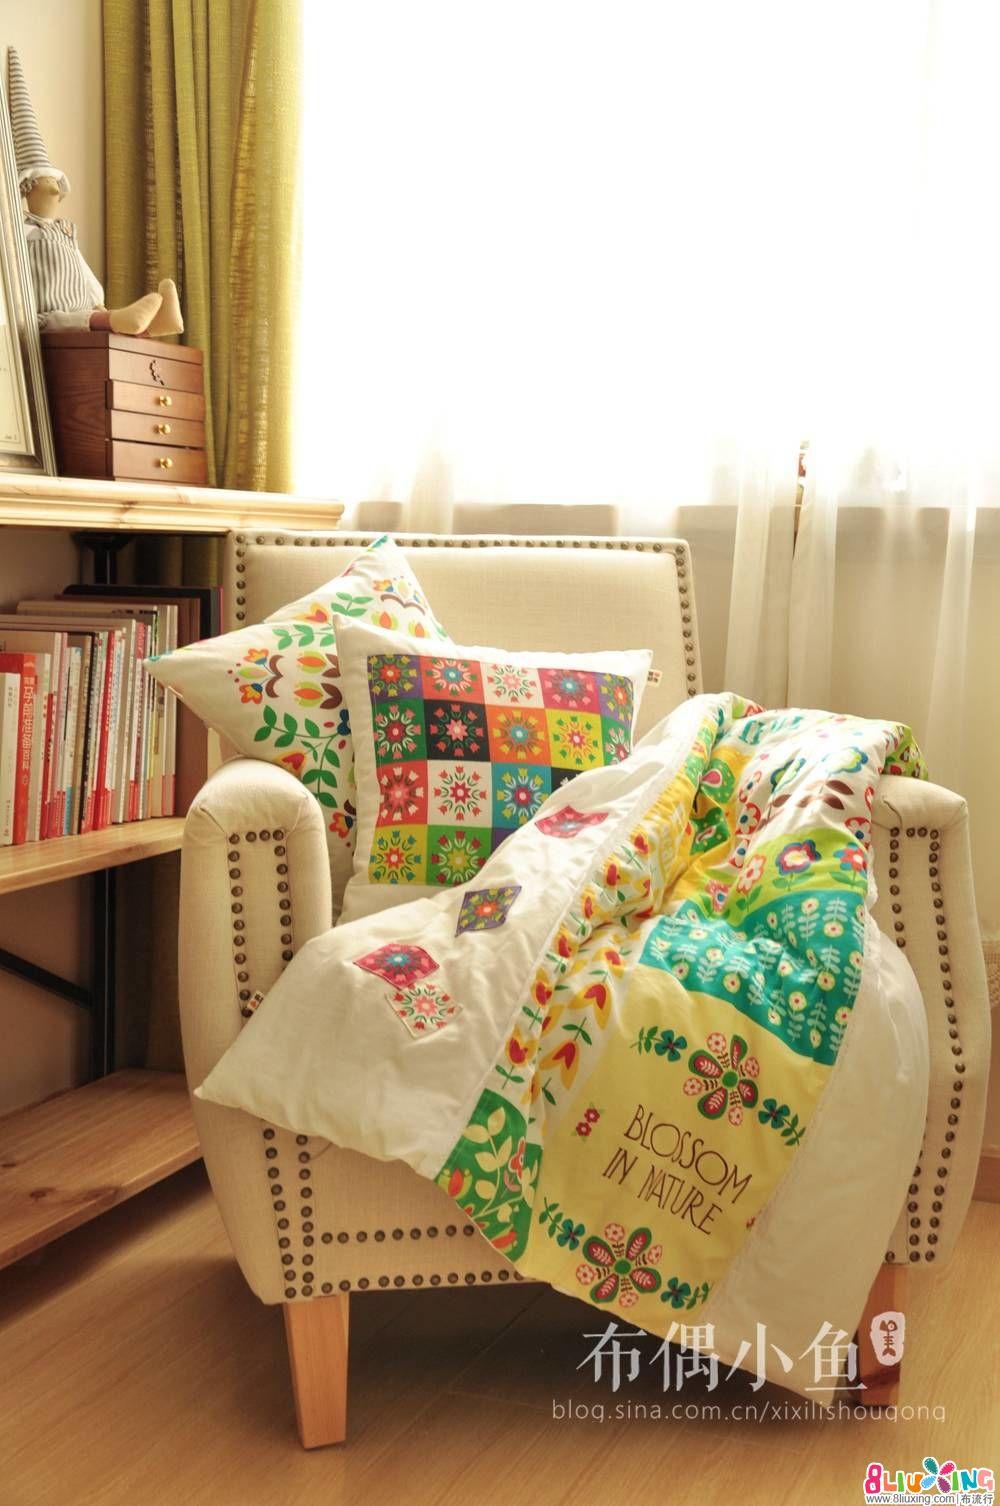 【布偶小鱼】给朋友的新婚礼物——沙发小盖被系列二